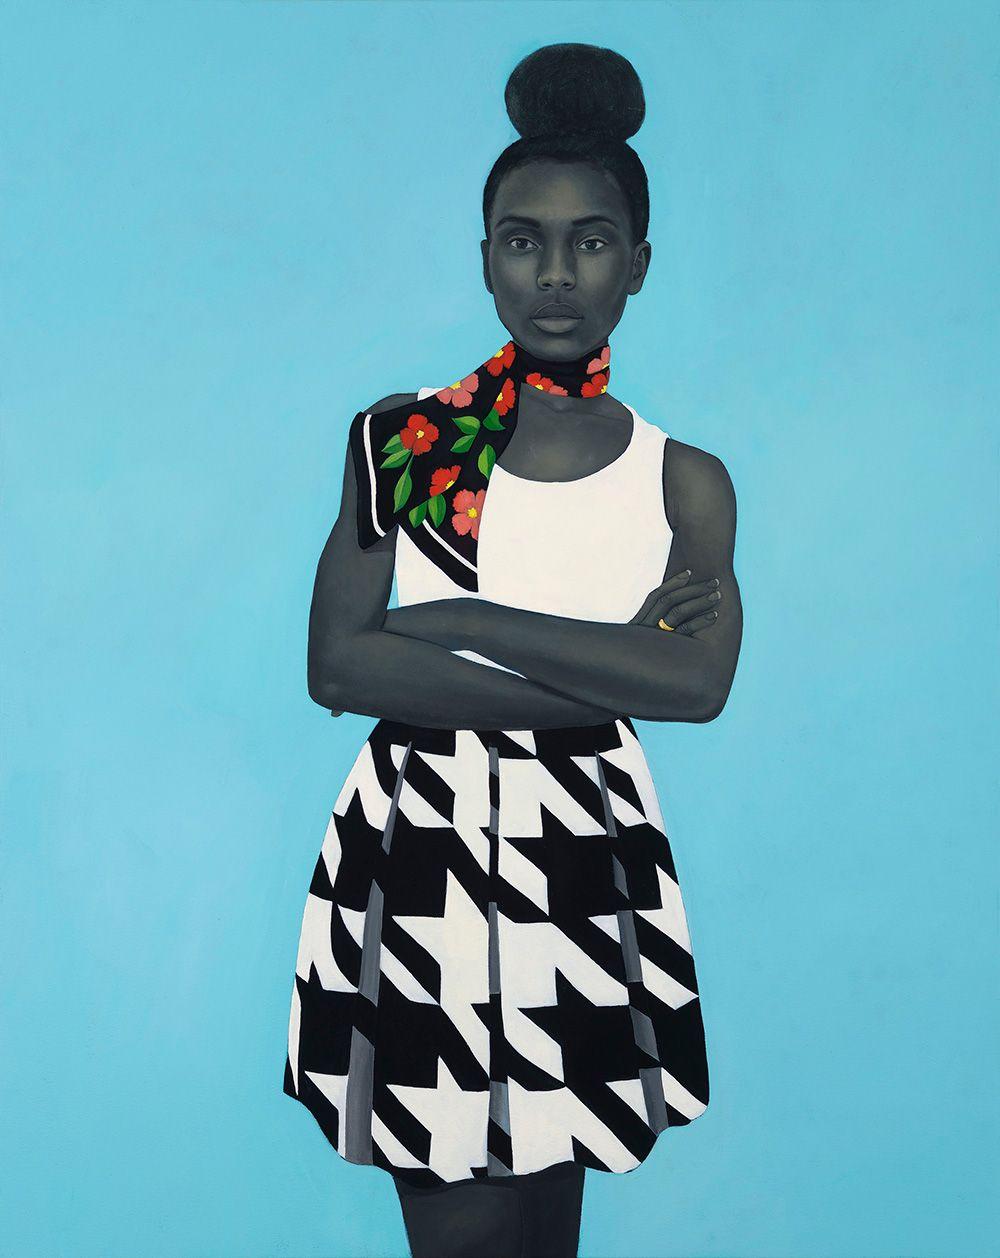 Deleitemonos con los preciosos retratos de la artista americanaAmy Sherald.